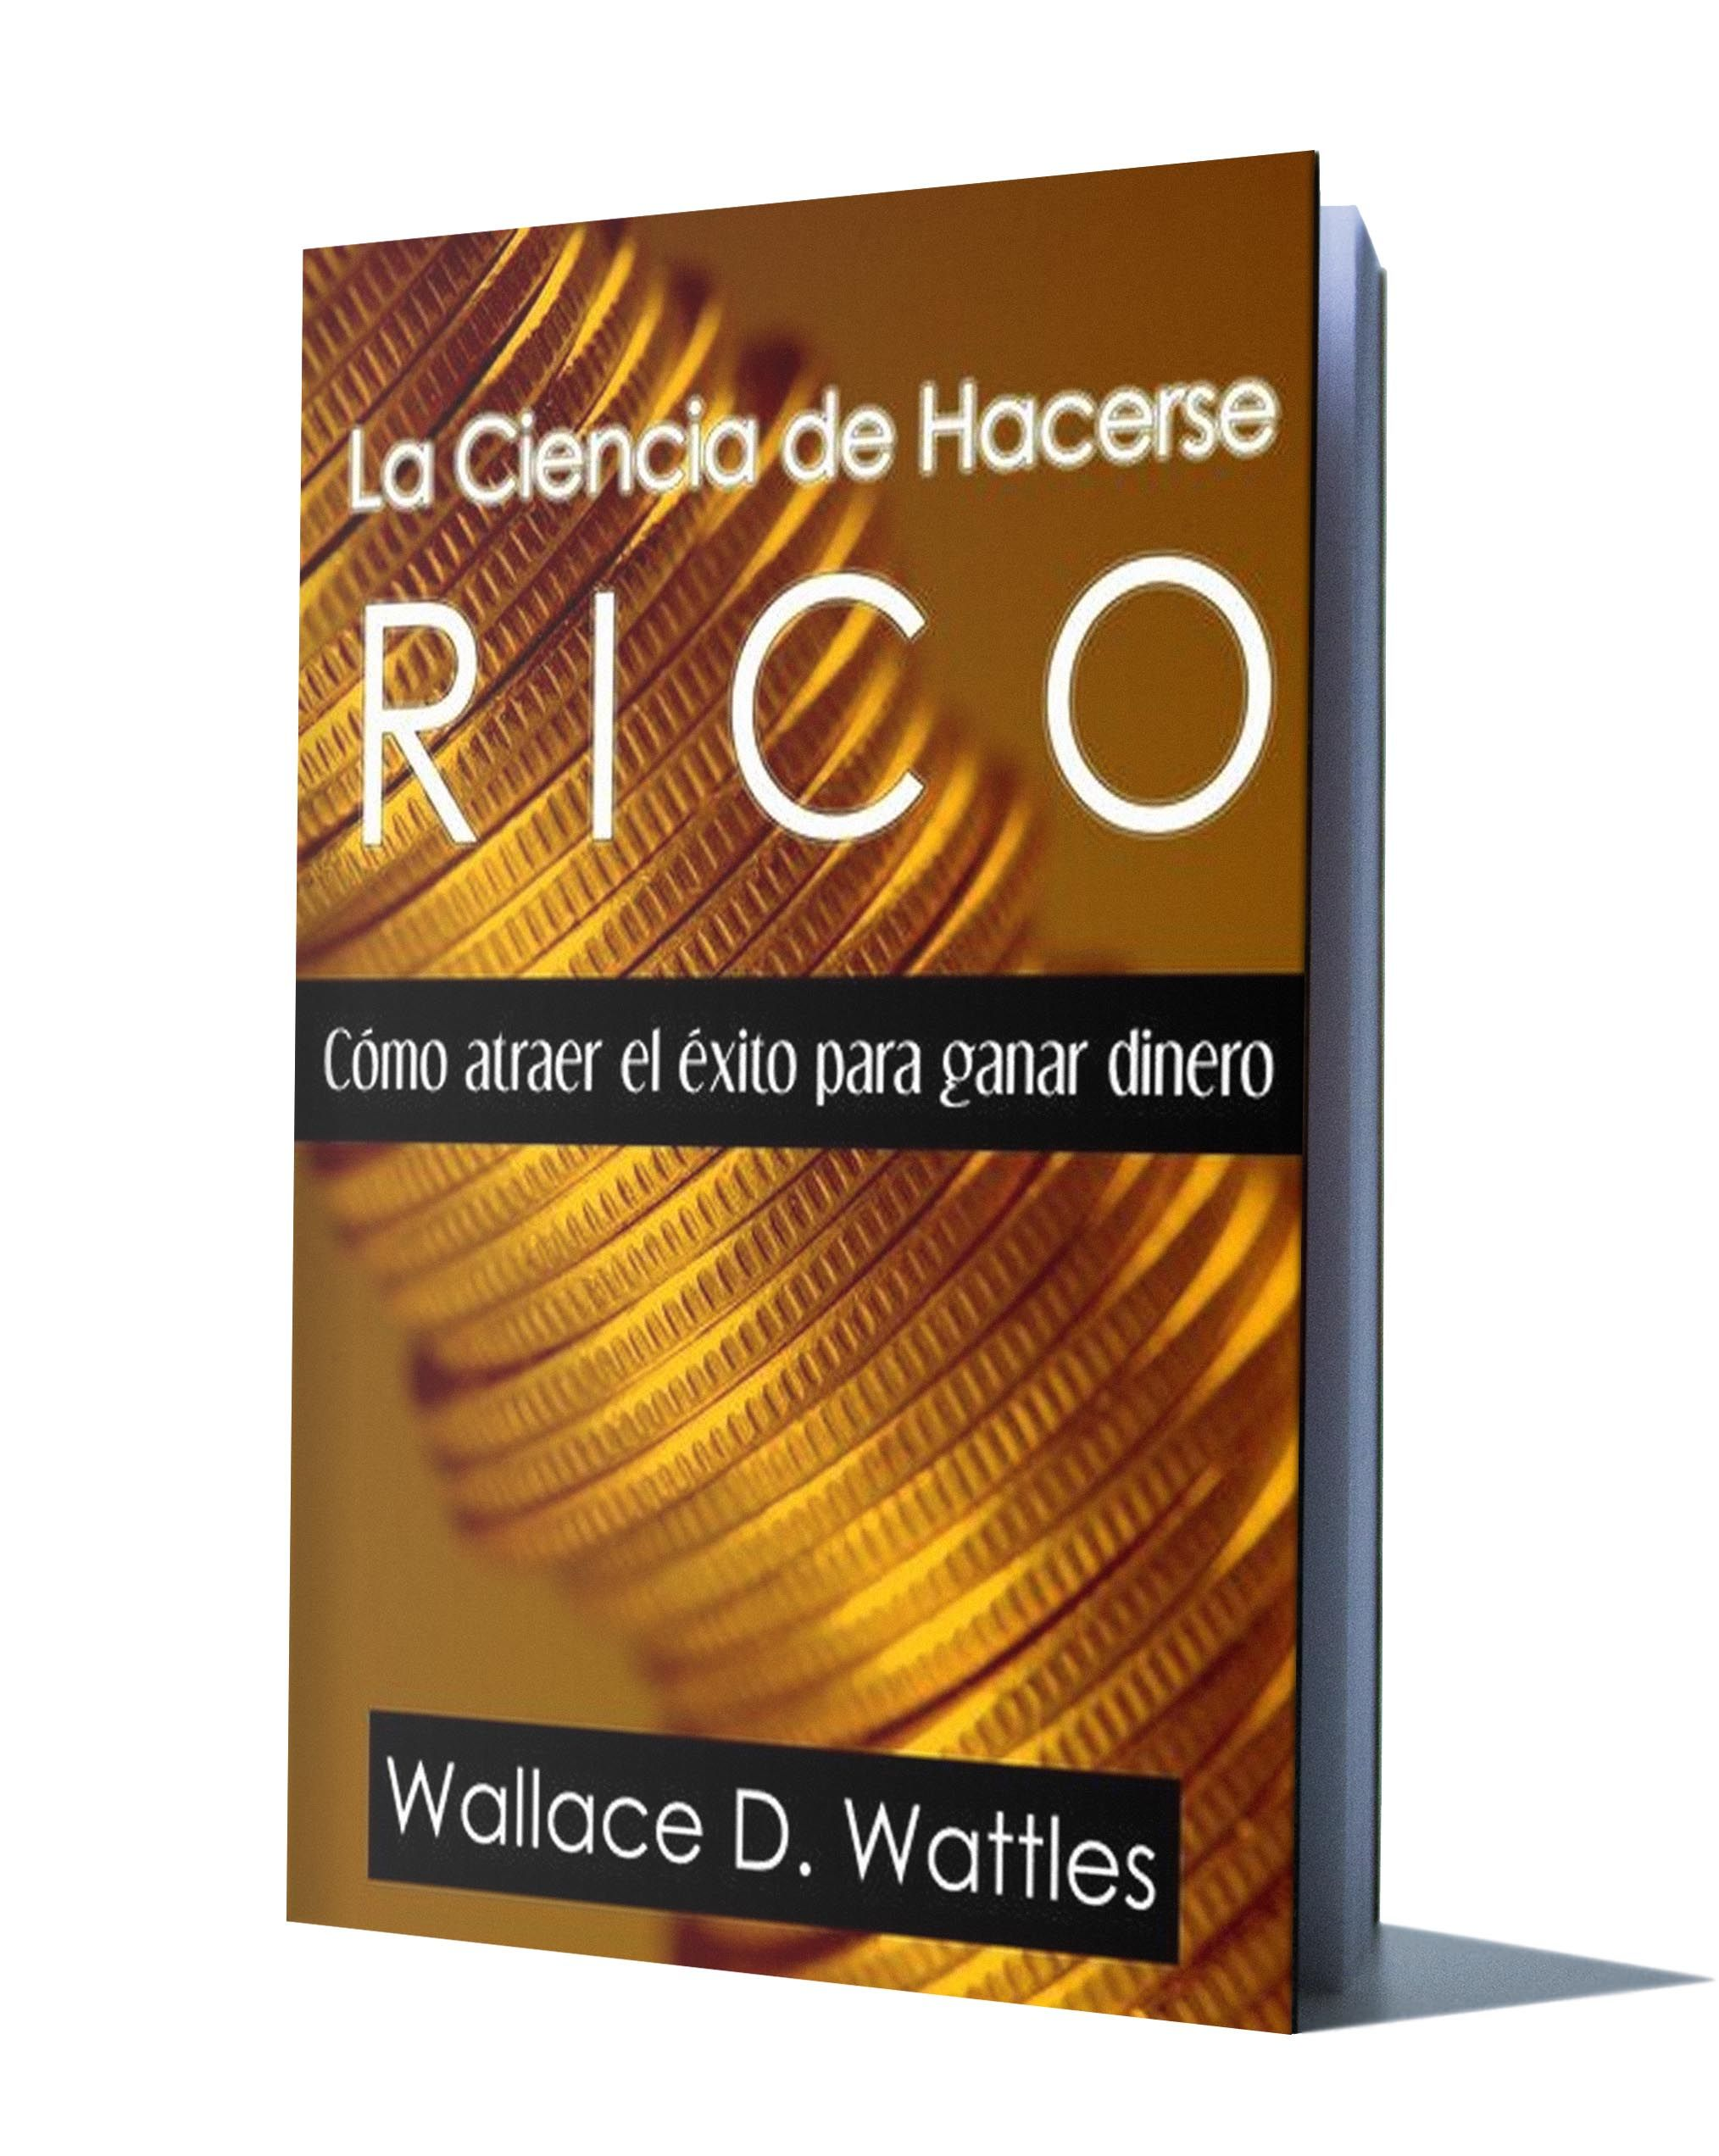 LA CIENCIA DE HACERSE RICO - WALLACE D. WATTLES